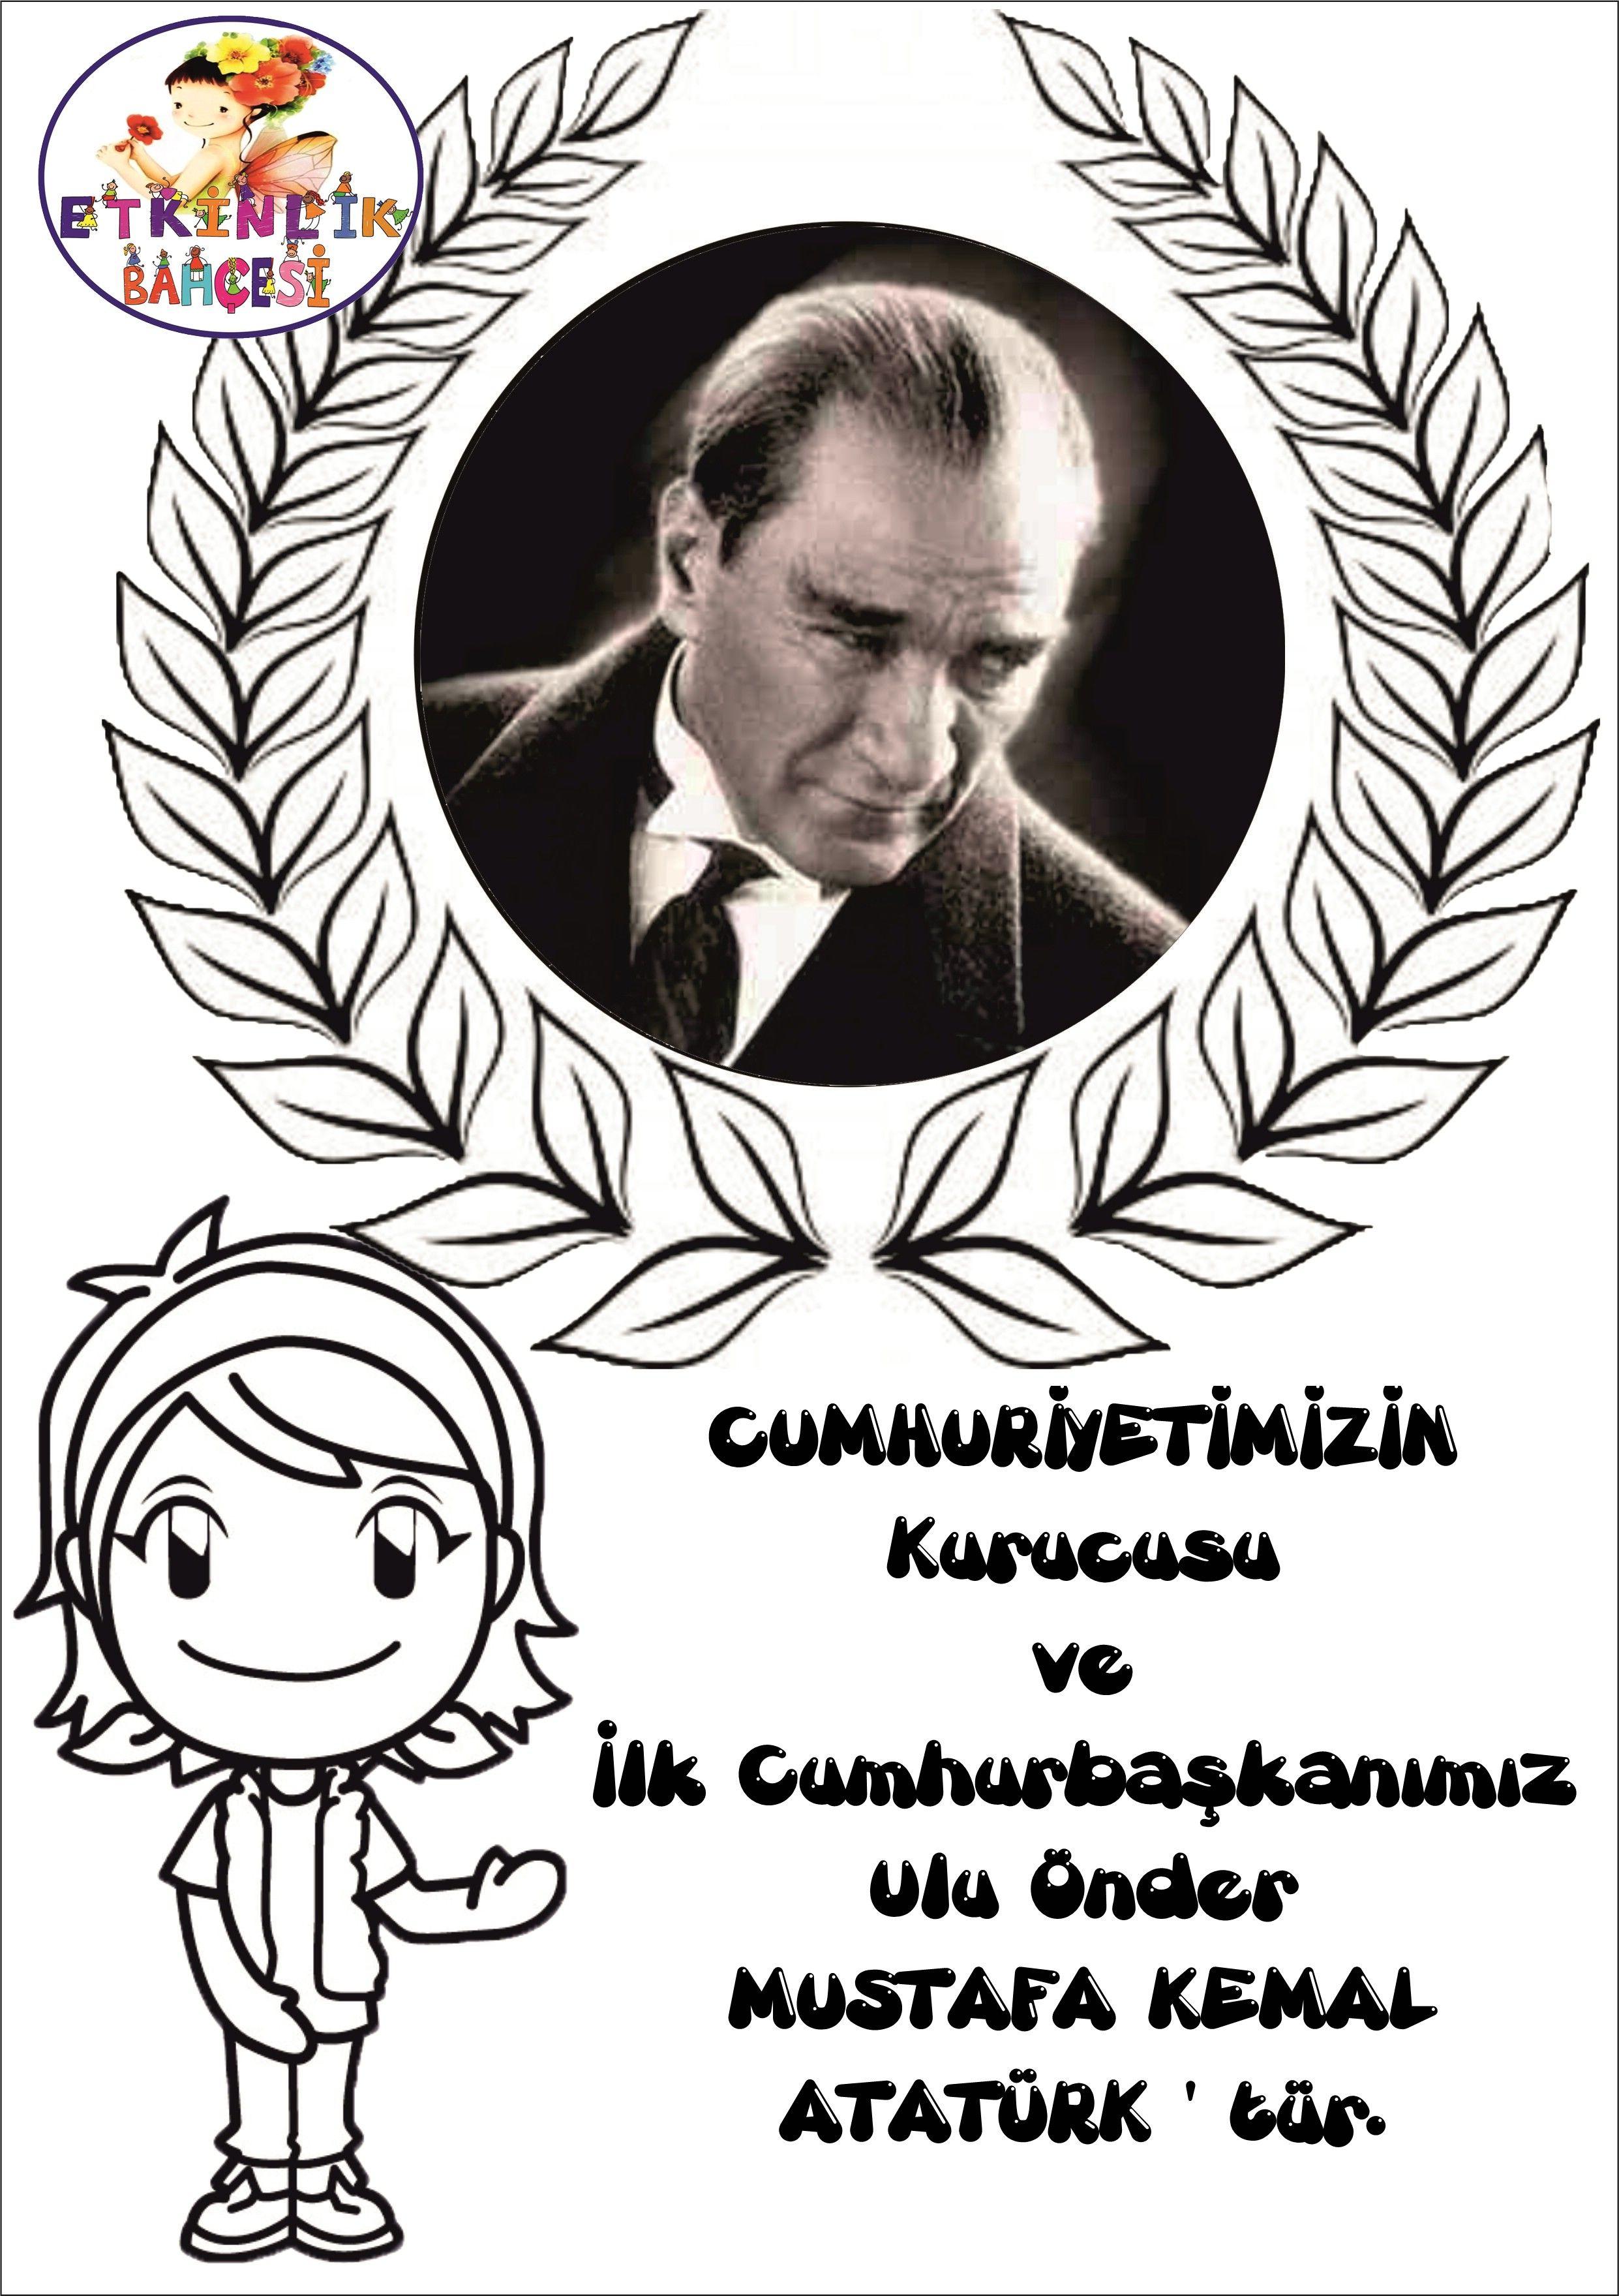 29 Ekim Cumhuriyet Bayrami Egitim Faaliyetleri Egitim Faaliyetler